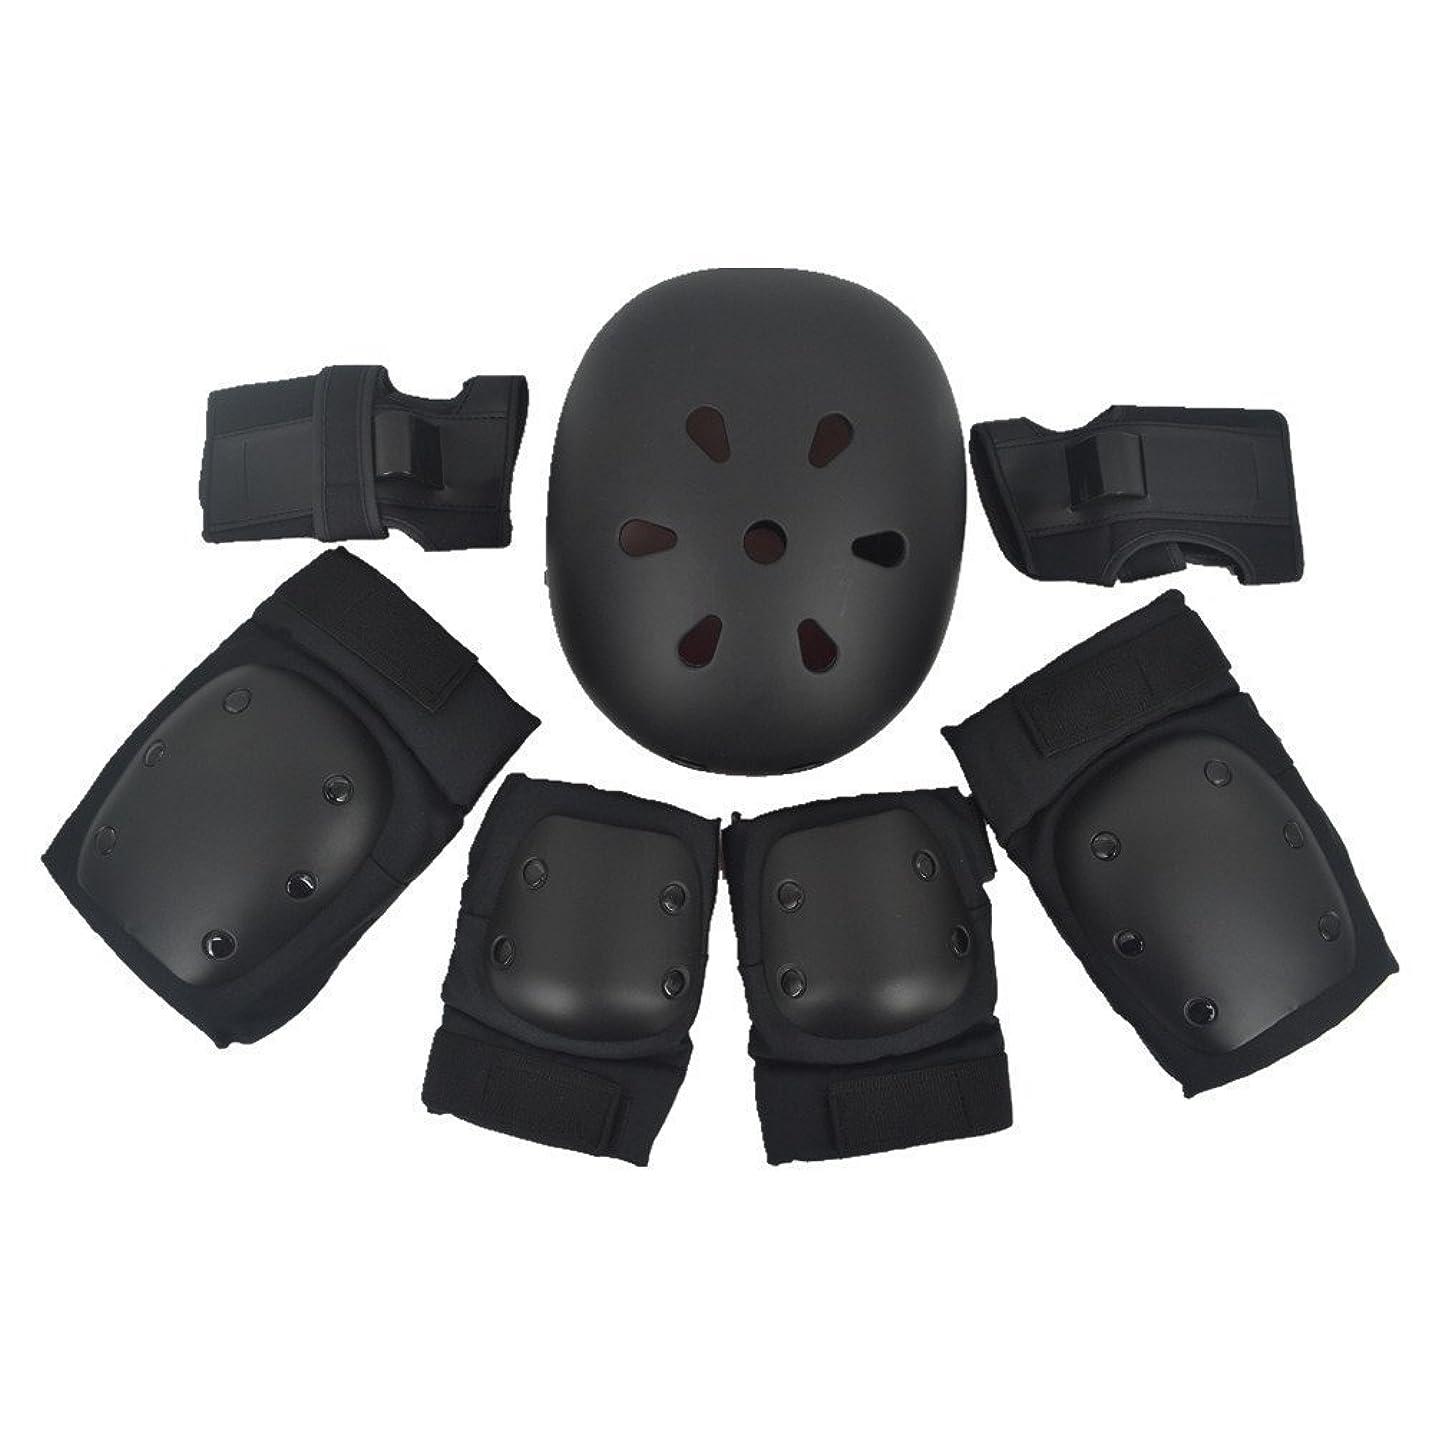 弱めるドロップマリンエクストリームスポーツ スケートボード 頭/肘/腕/膝 プロテクター  保護 自転車 防具 子供用/大人用可能 S/M/Lサイズ